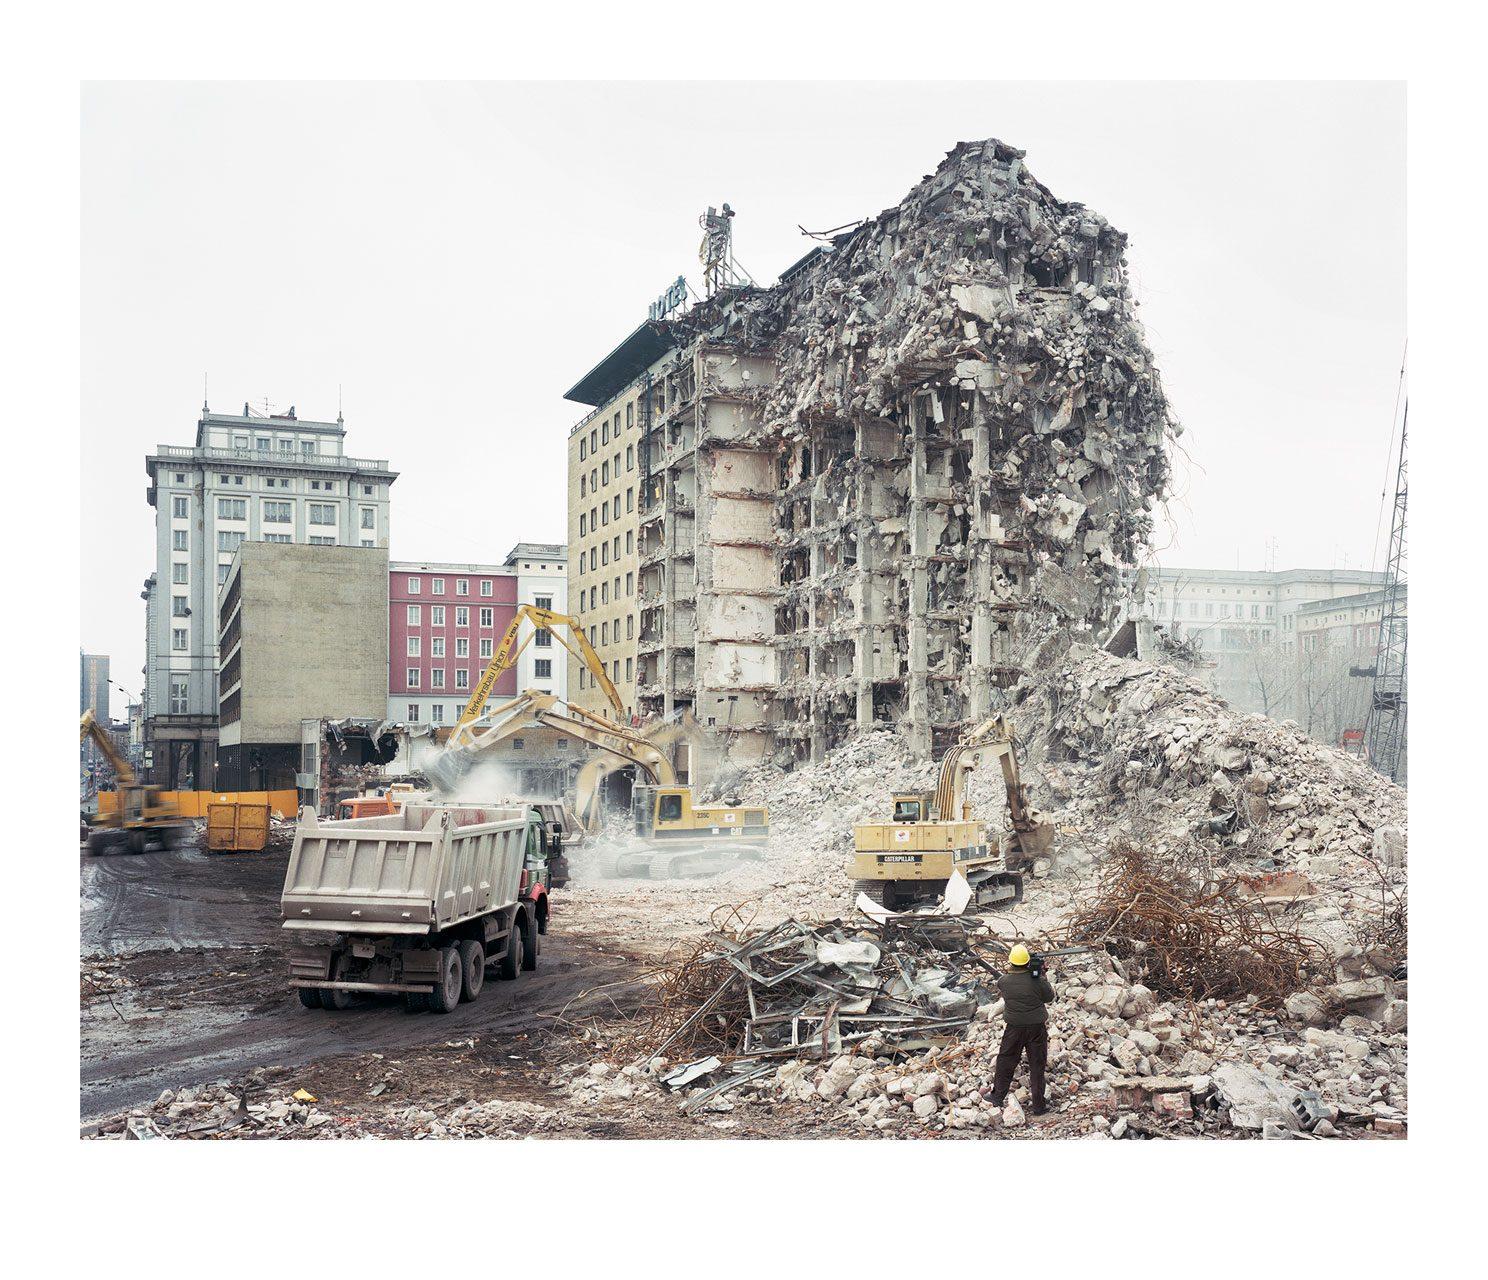 Stadt #04, Abriss, Interhotel, 1994